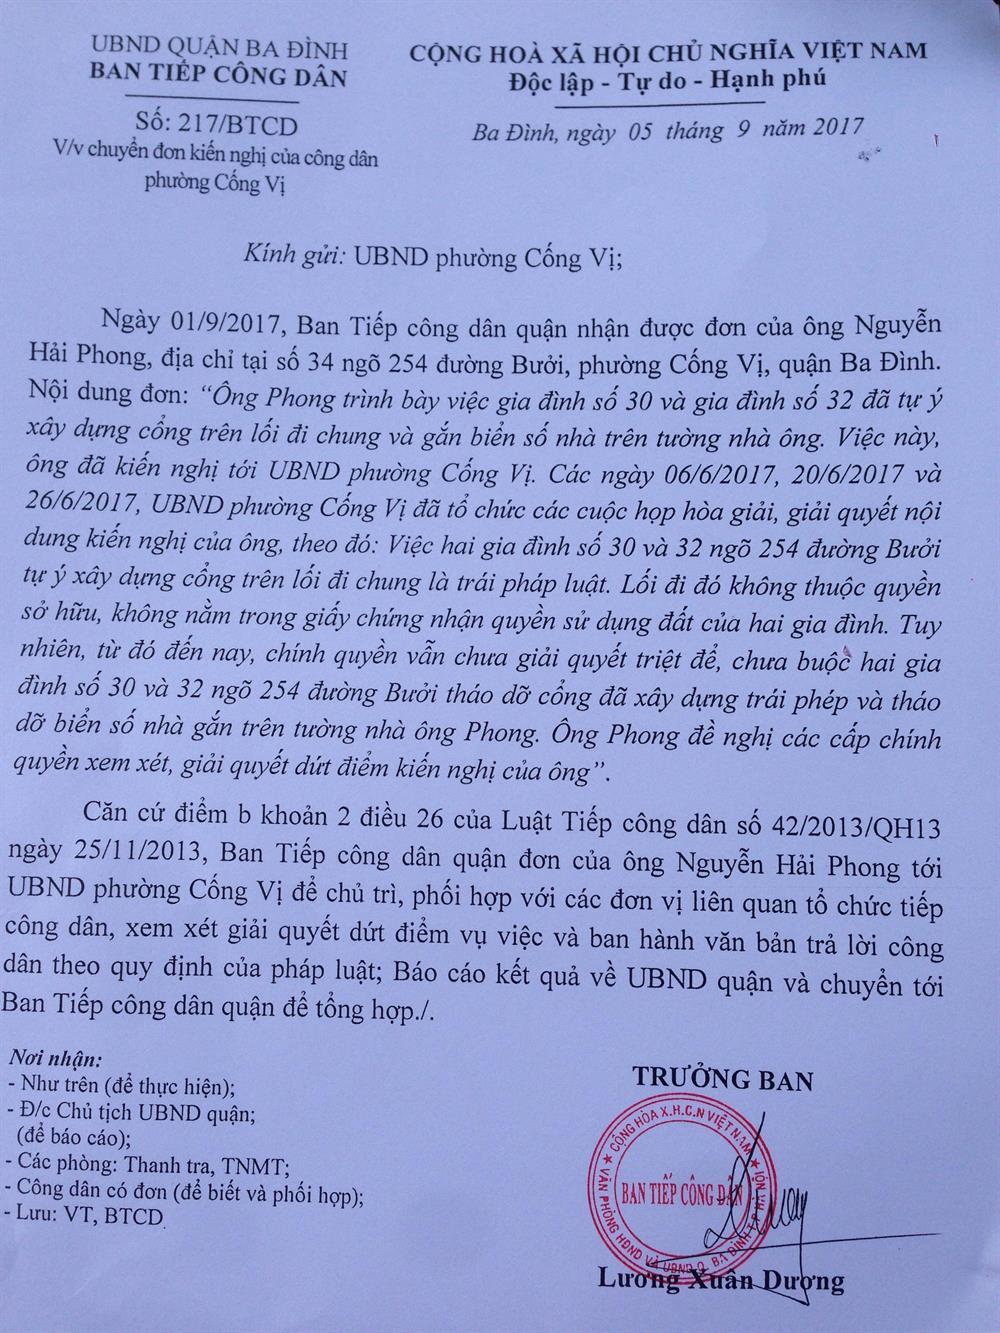 Văn bản của Ban tiếp công dân của quận Ba Đình gửi UBND phường Cống vị yêu cầu báo cáo vụ việc.